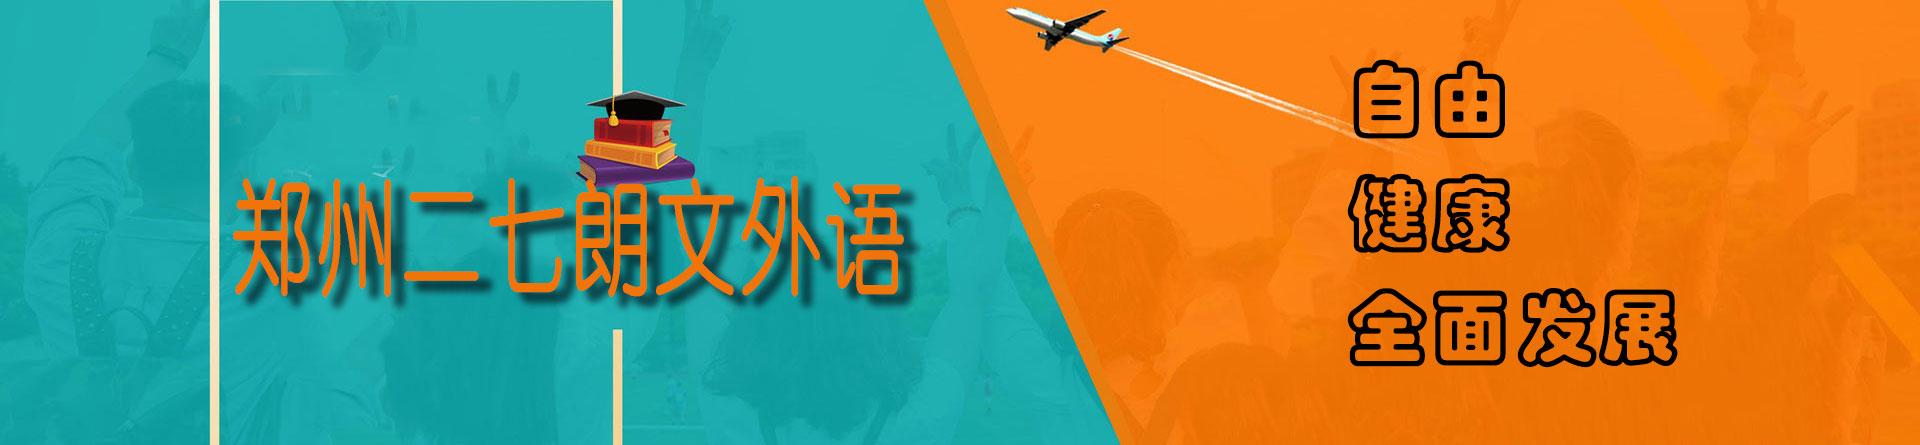 郑州二七朗文外语